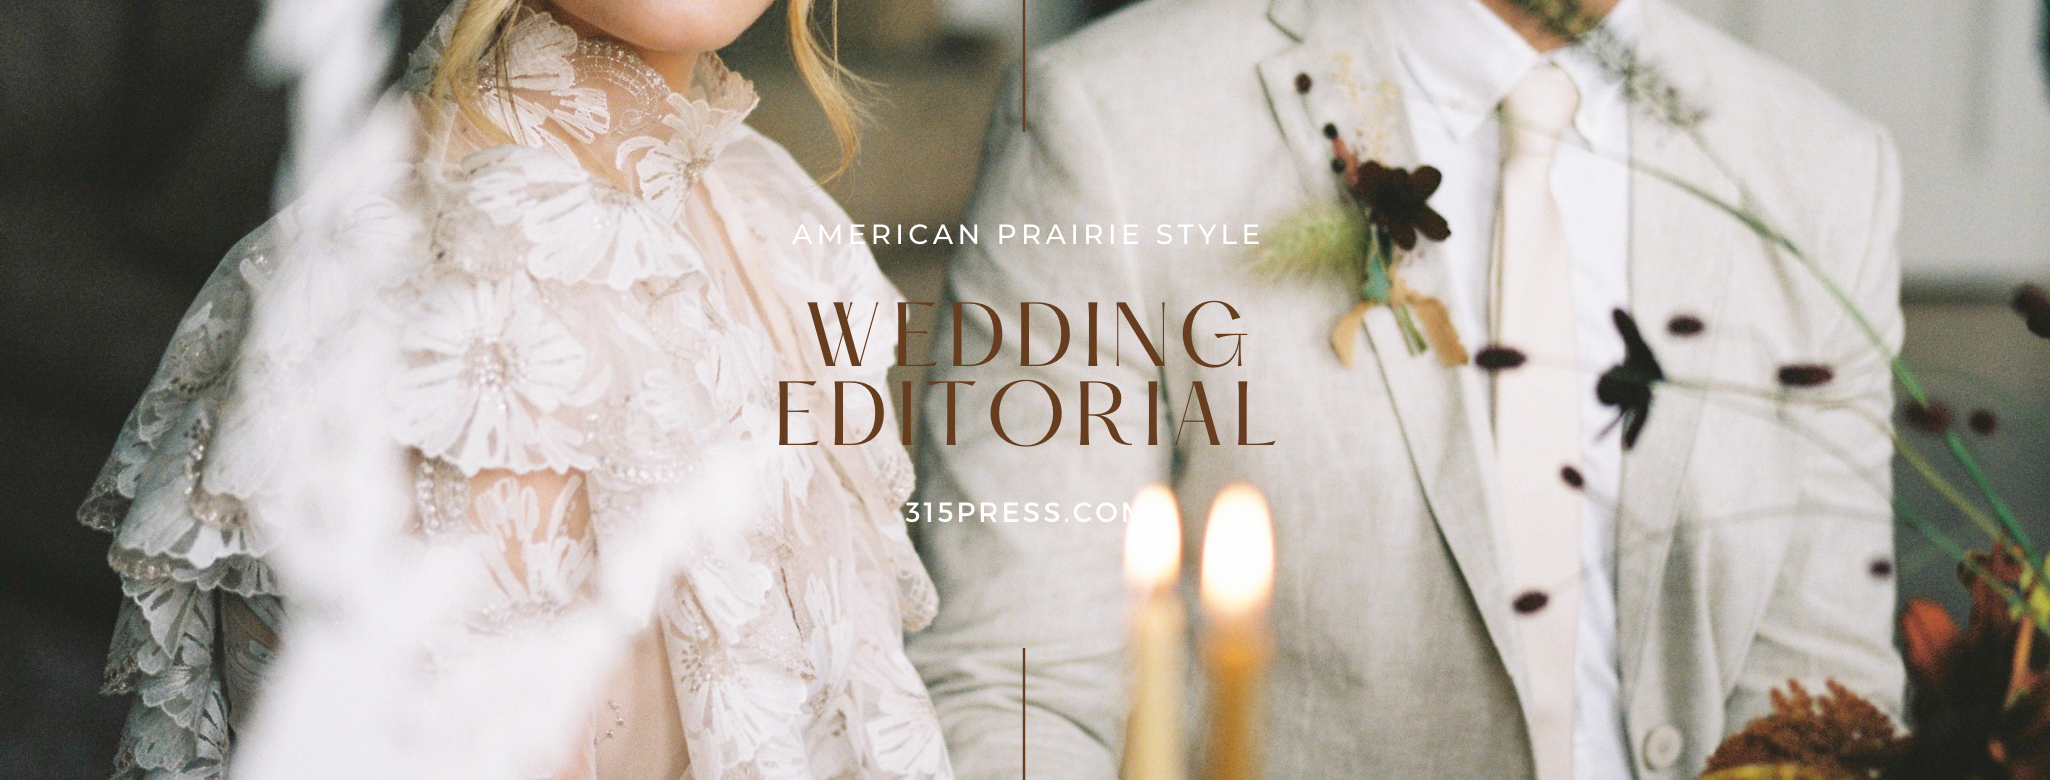 An American Prairie Style Editorial